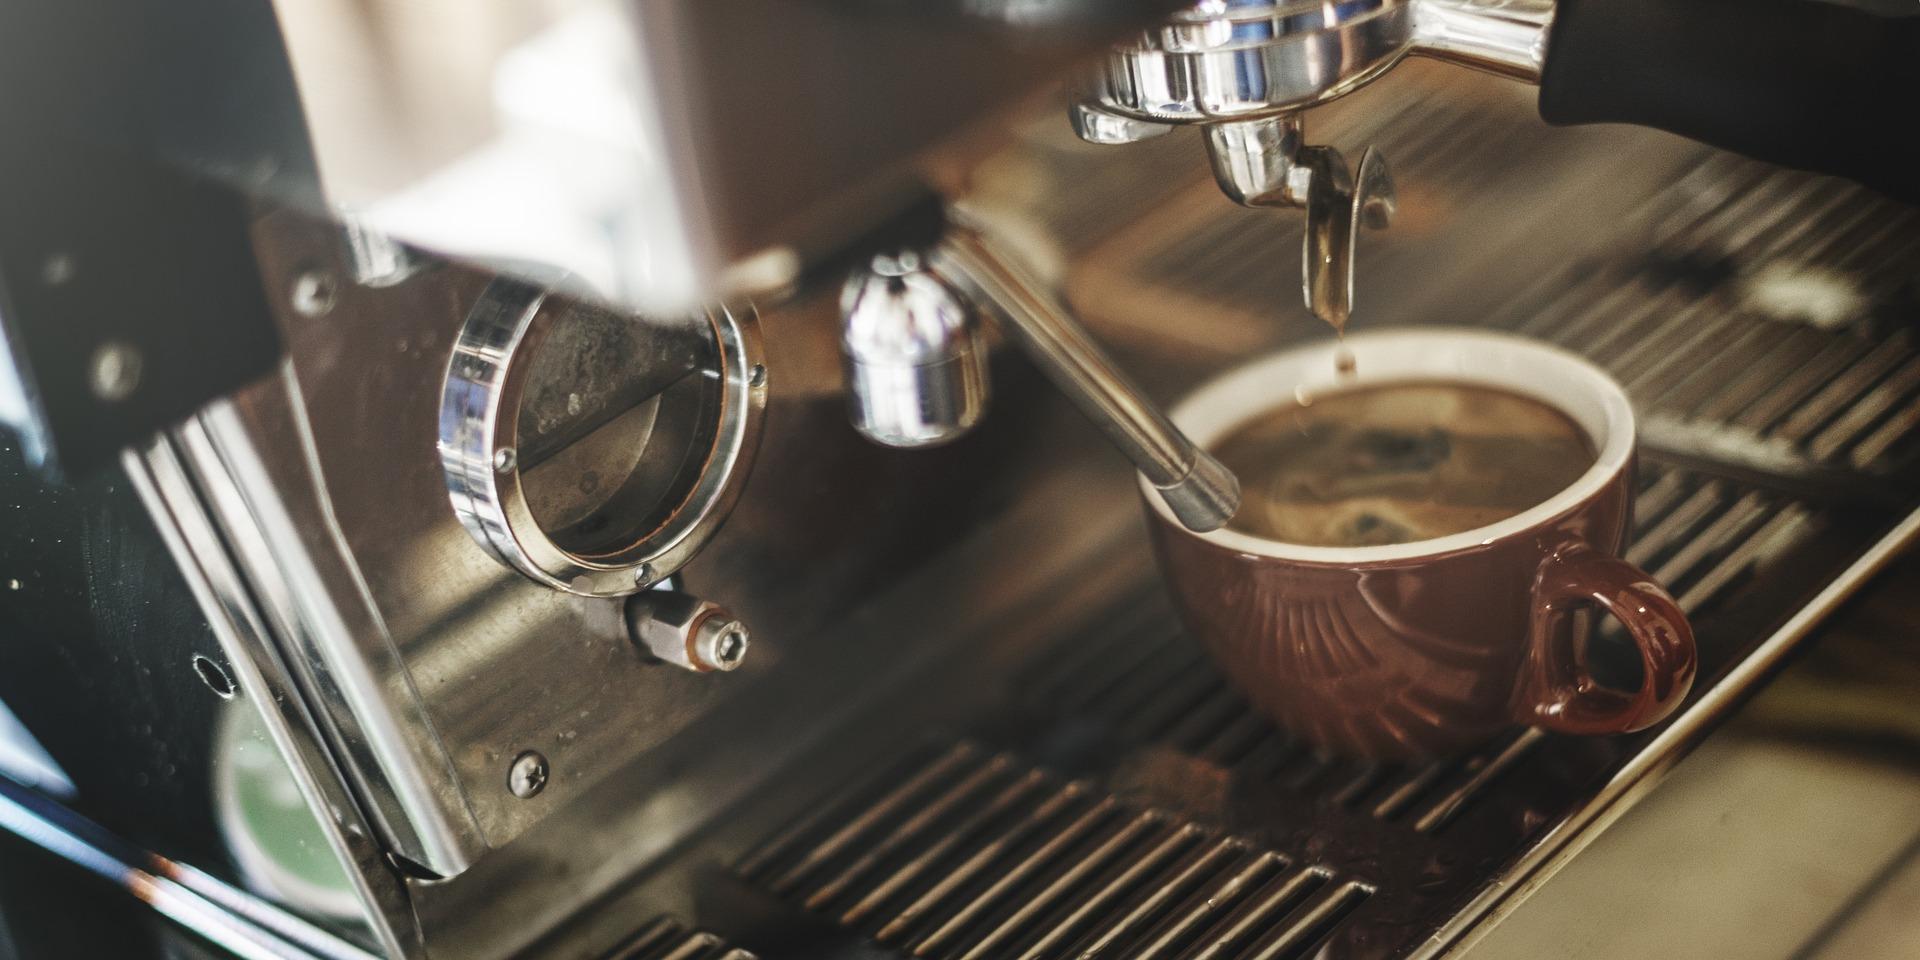 coffee-2591514_1920 (1)